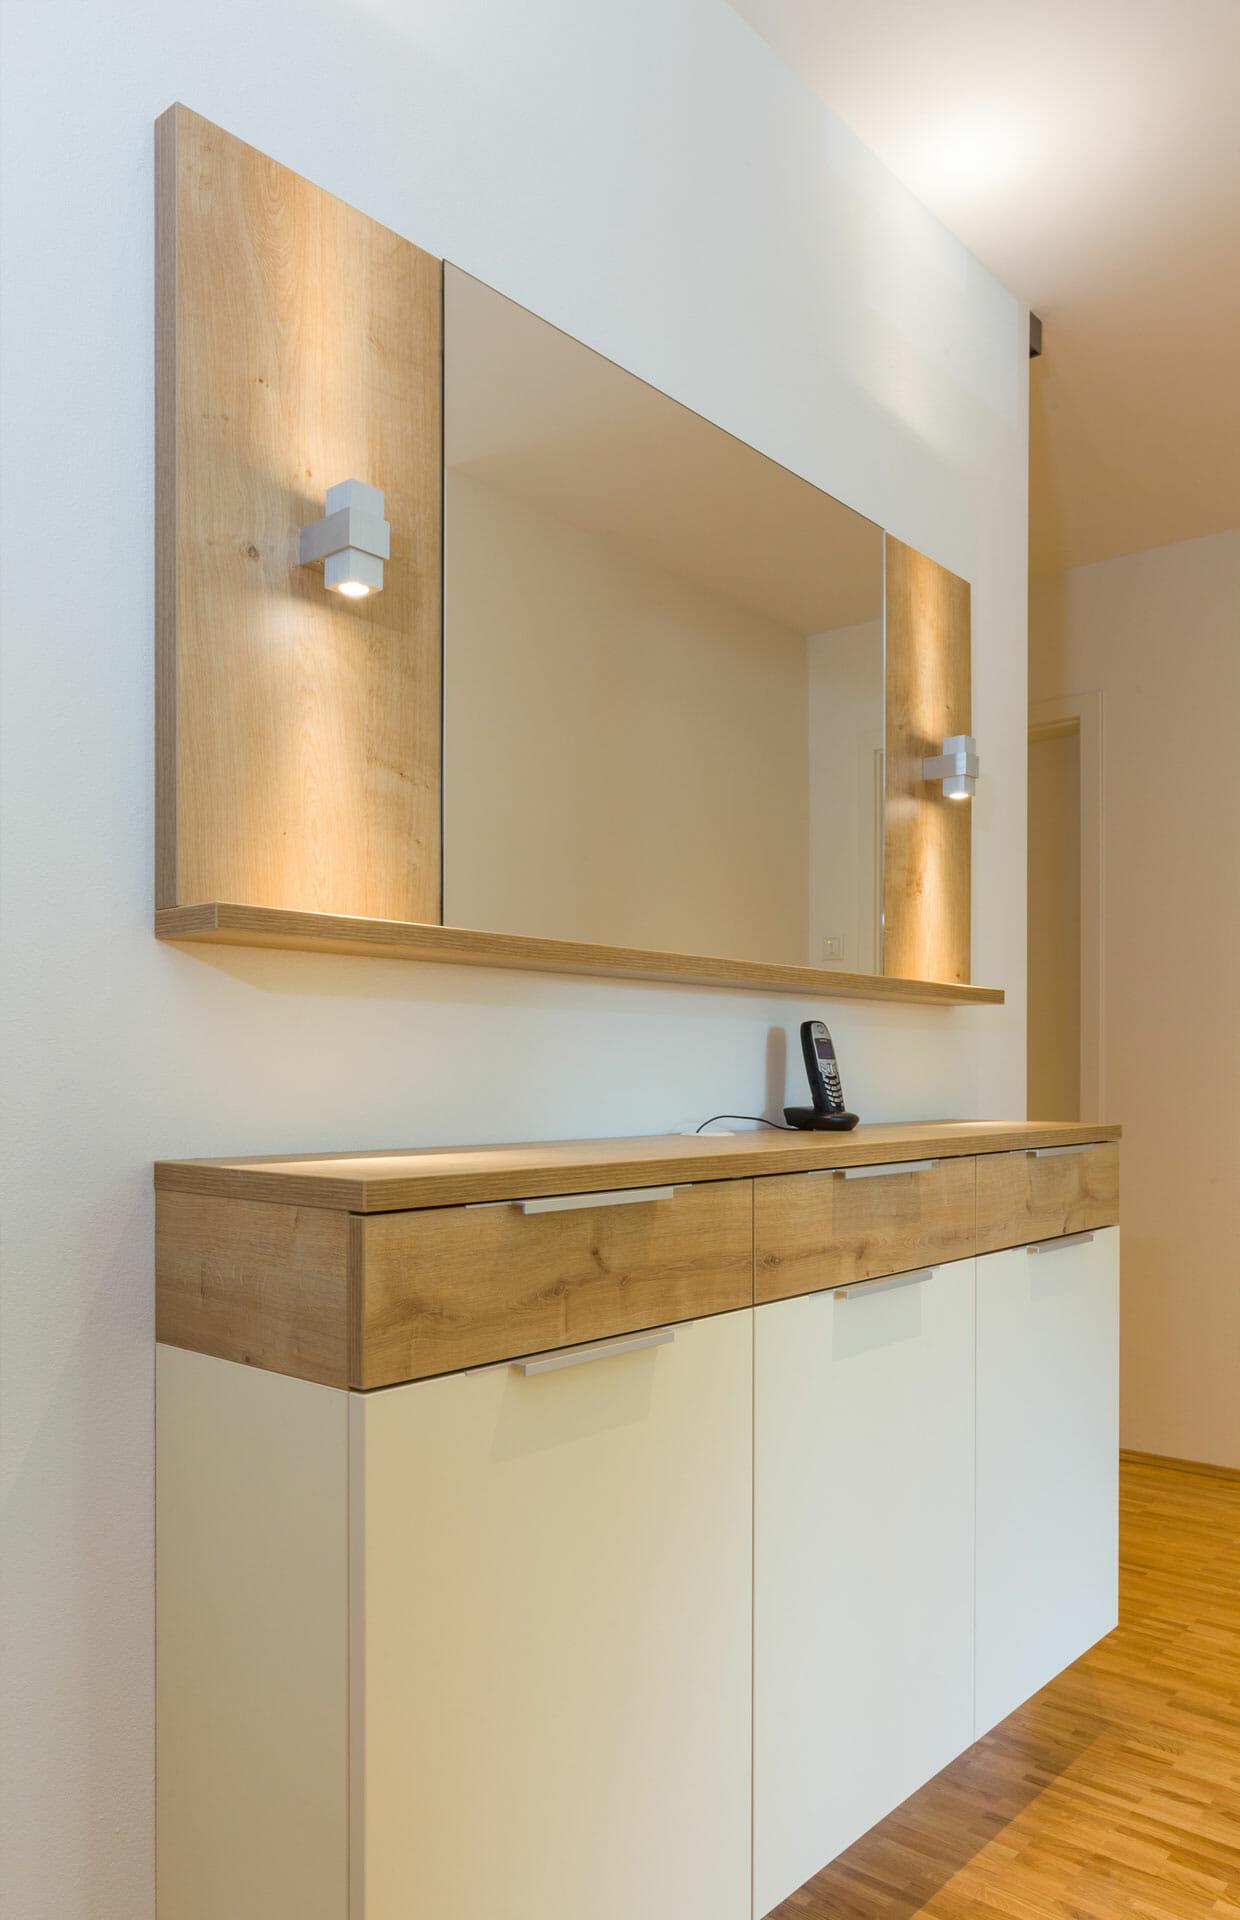 Sideboard als Schuhschrank, darüber Wandboard mit Spiegel